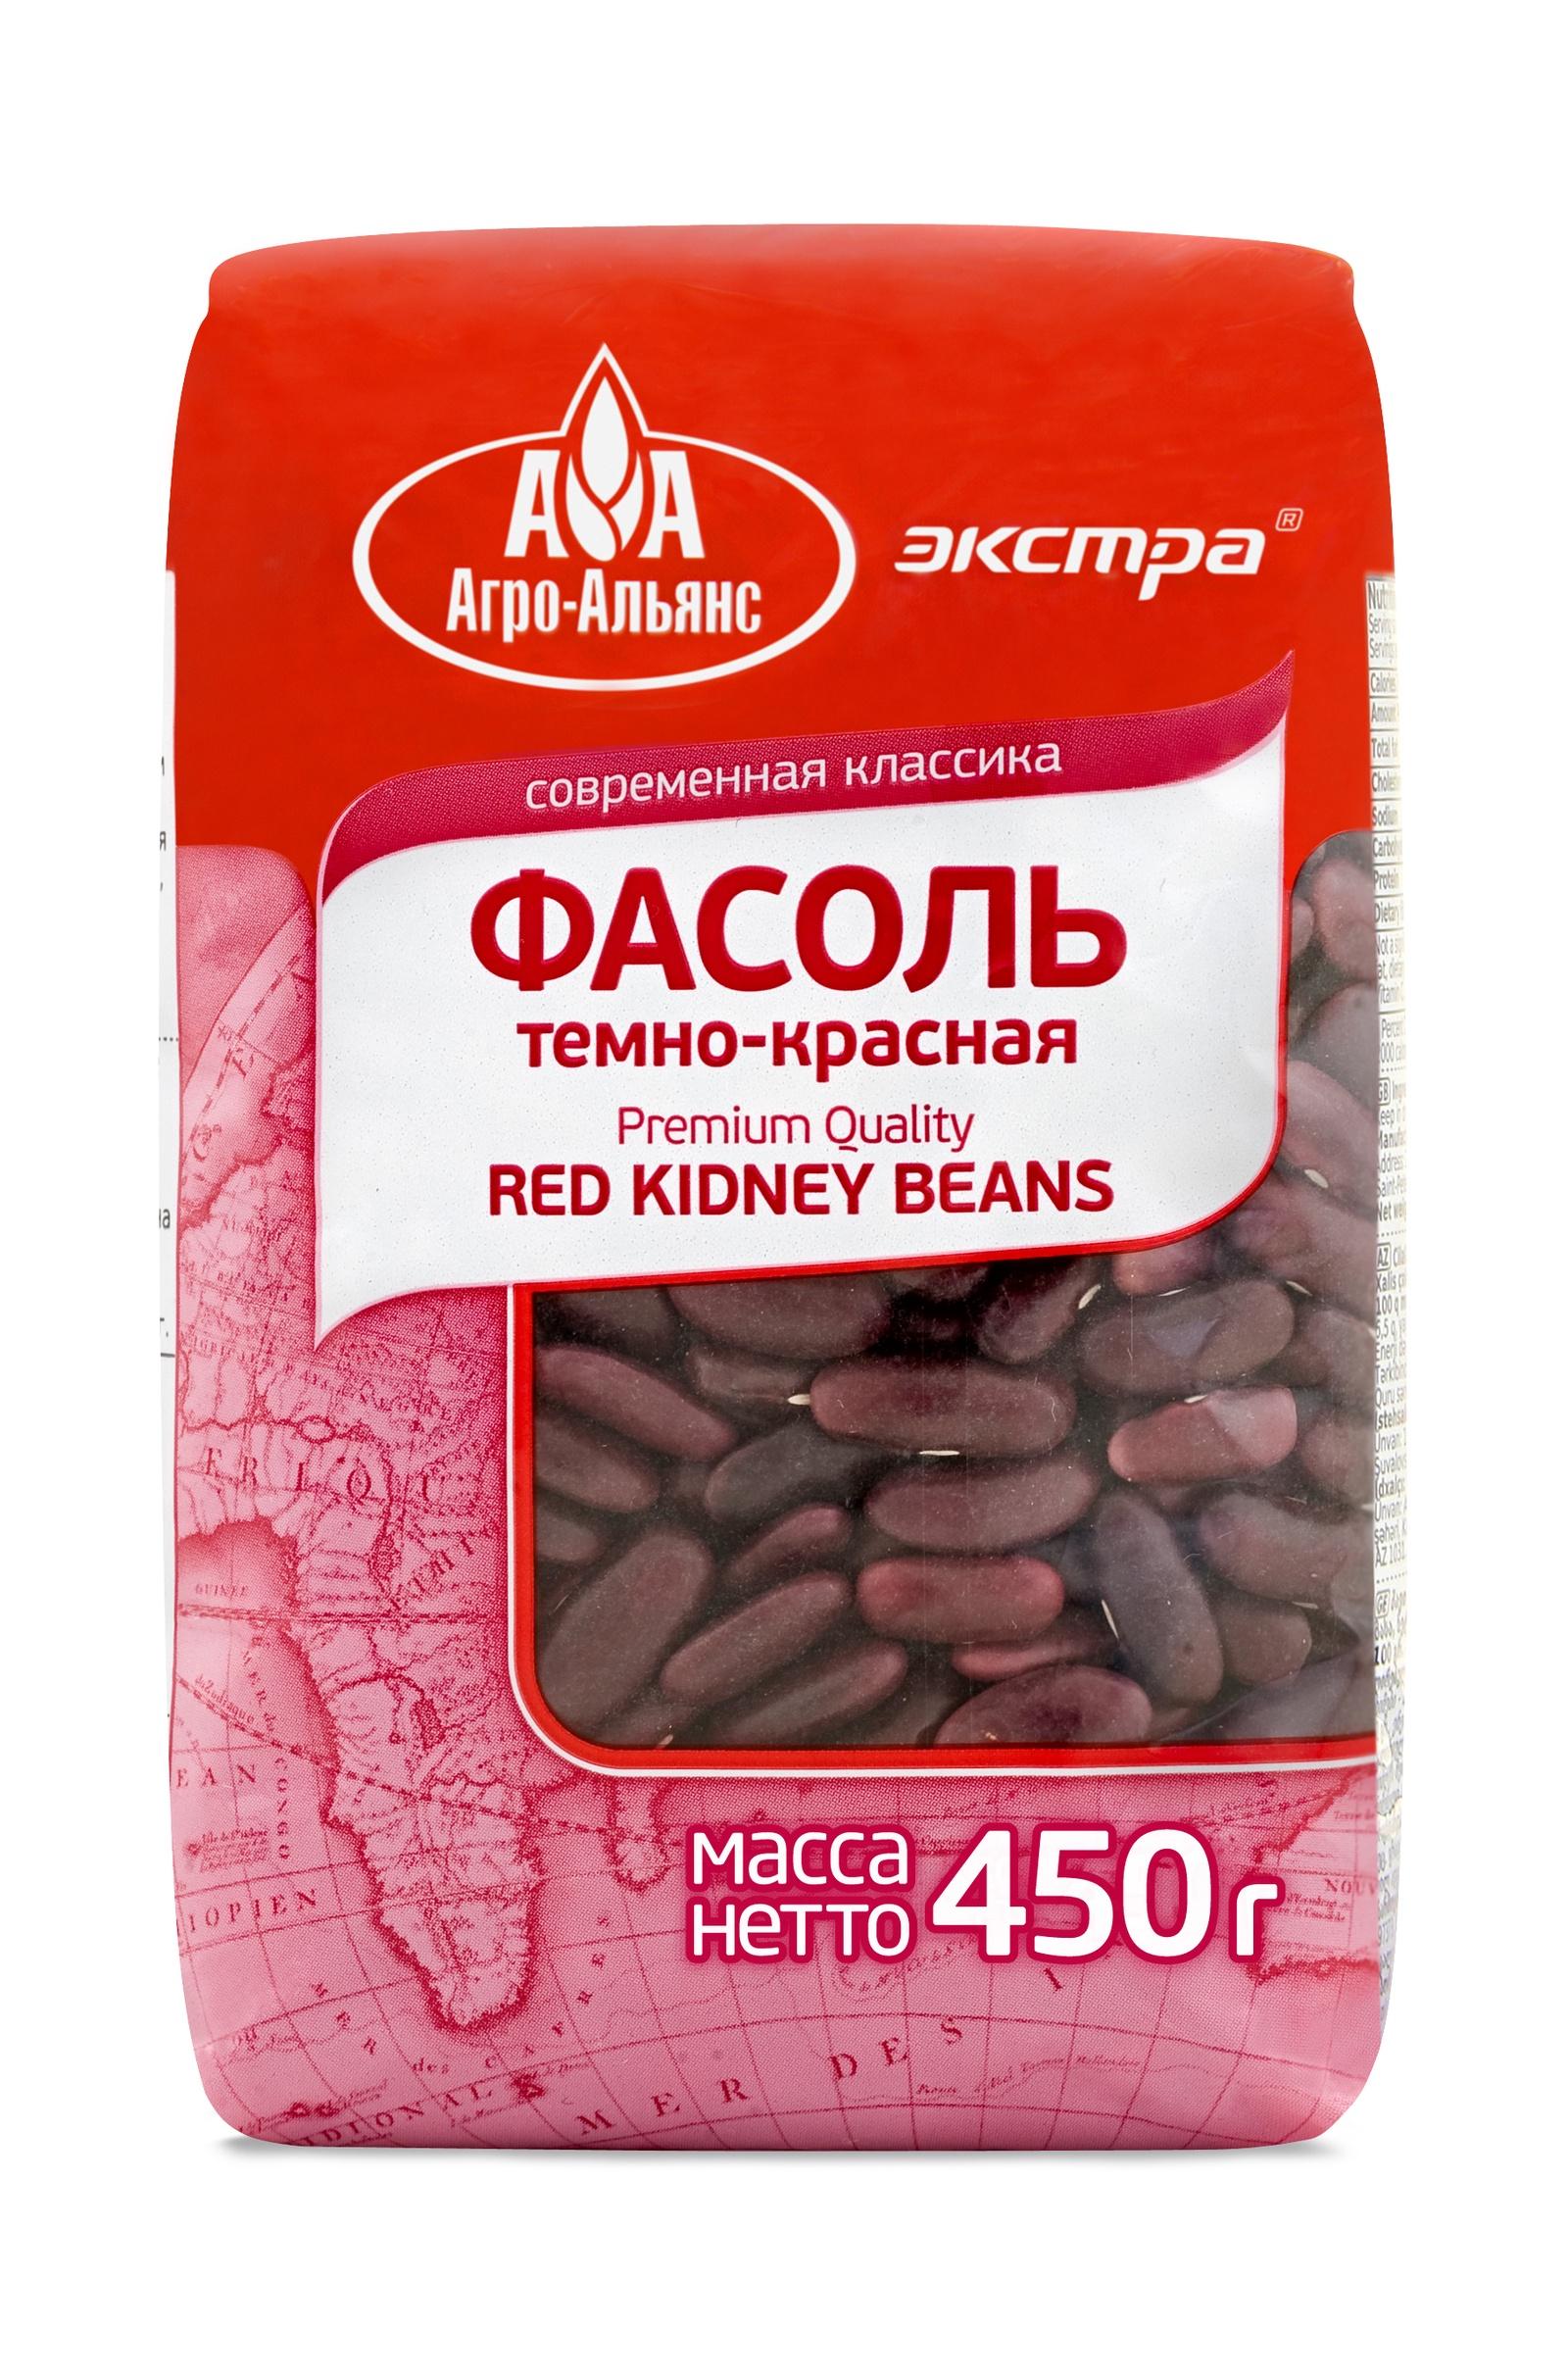 Фасоль сушеная Агро-Альянс темно-красная Kidney Экстра, 450 г